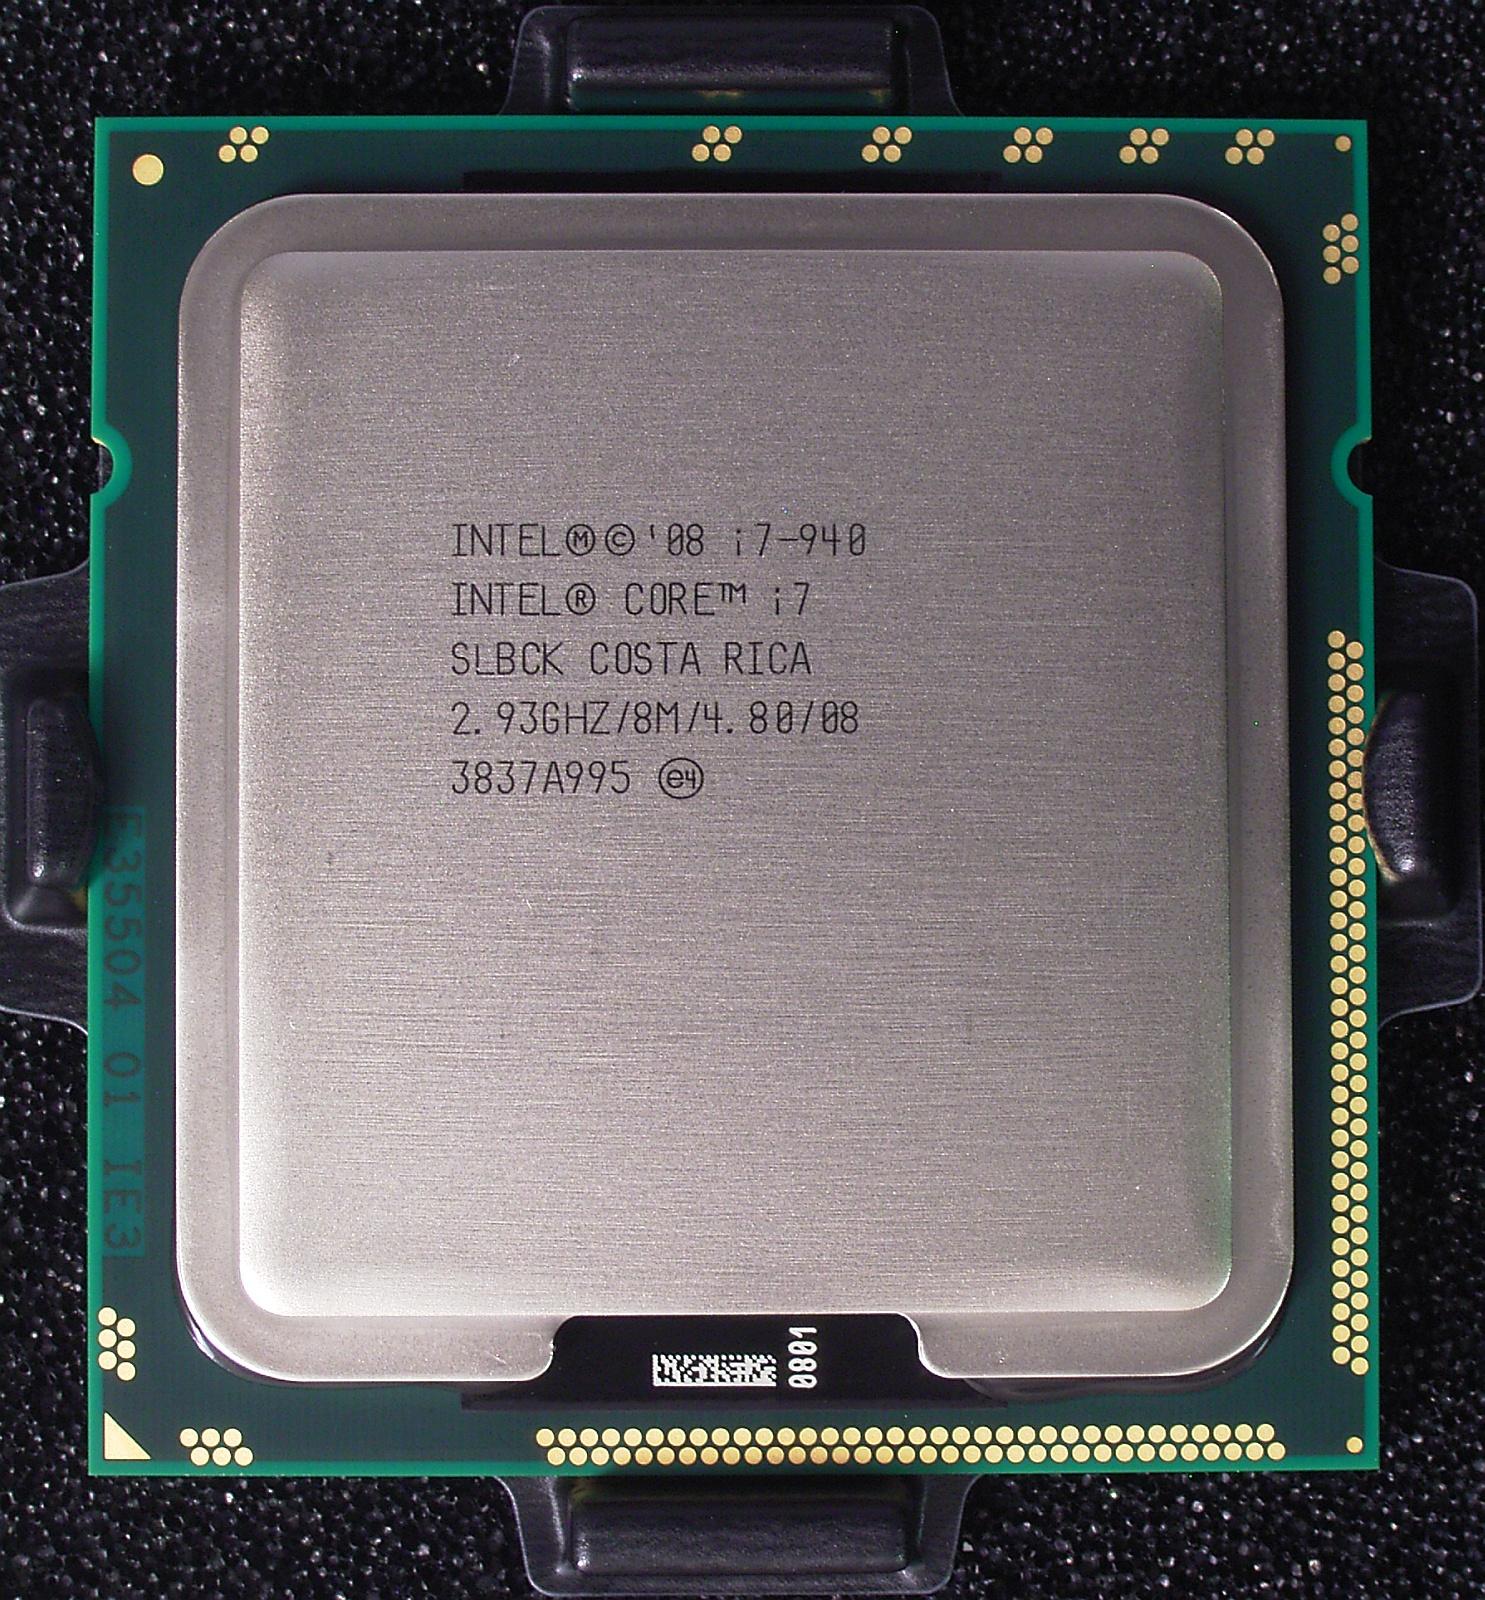 Intel Core i7 - Wikiwand